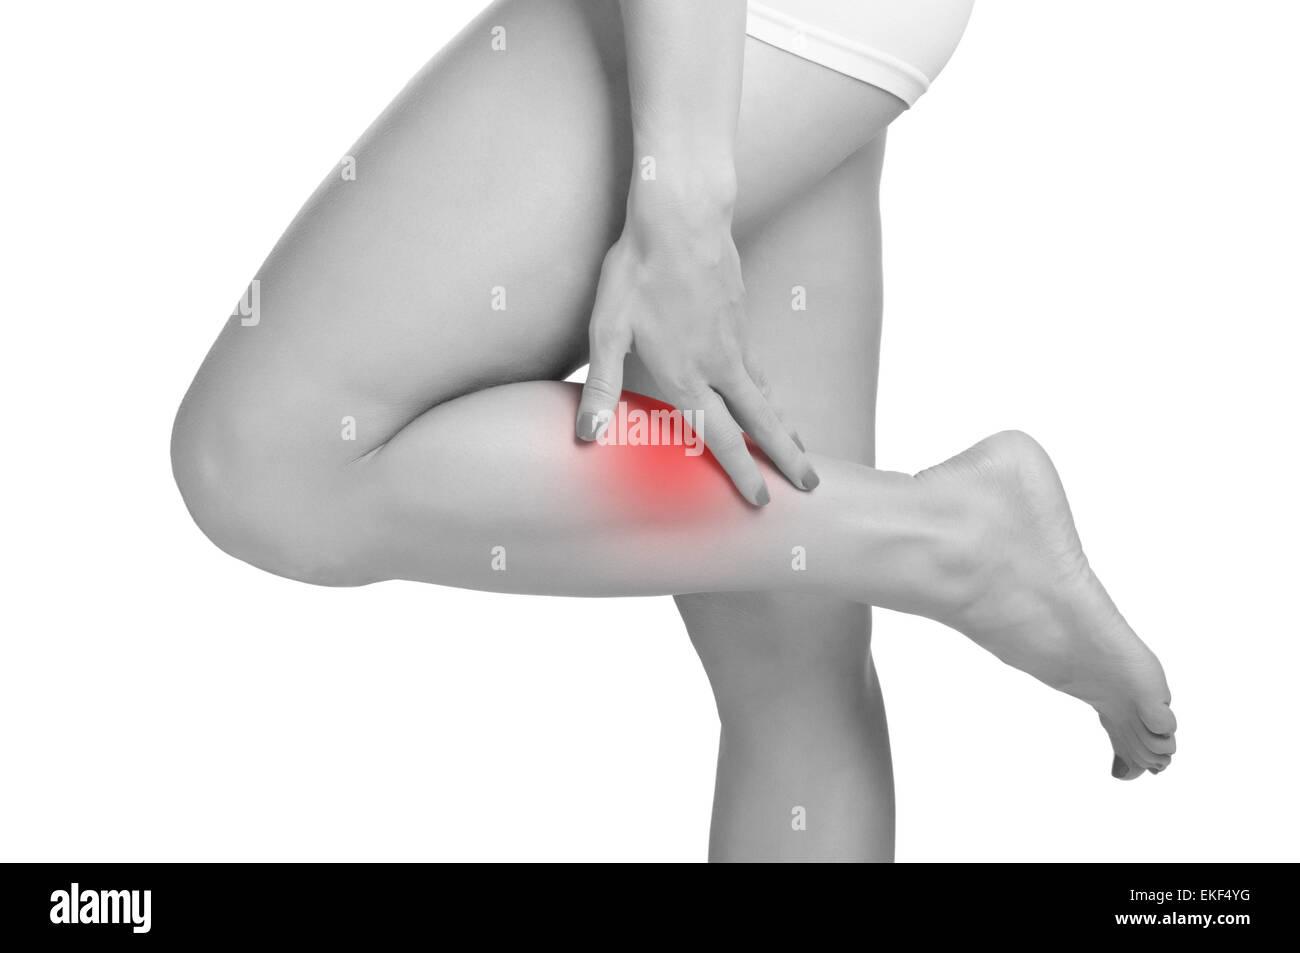 Schmerzen im Bein Stockbild